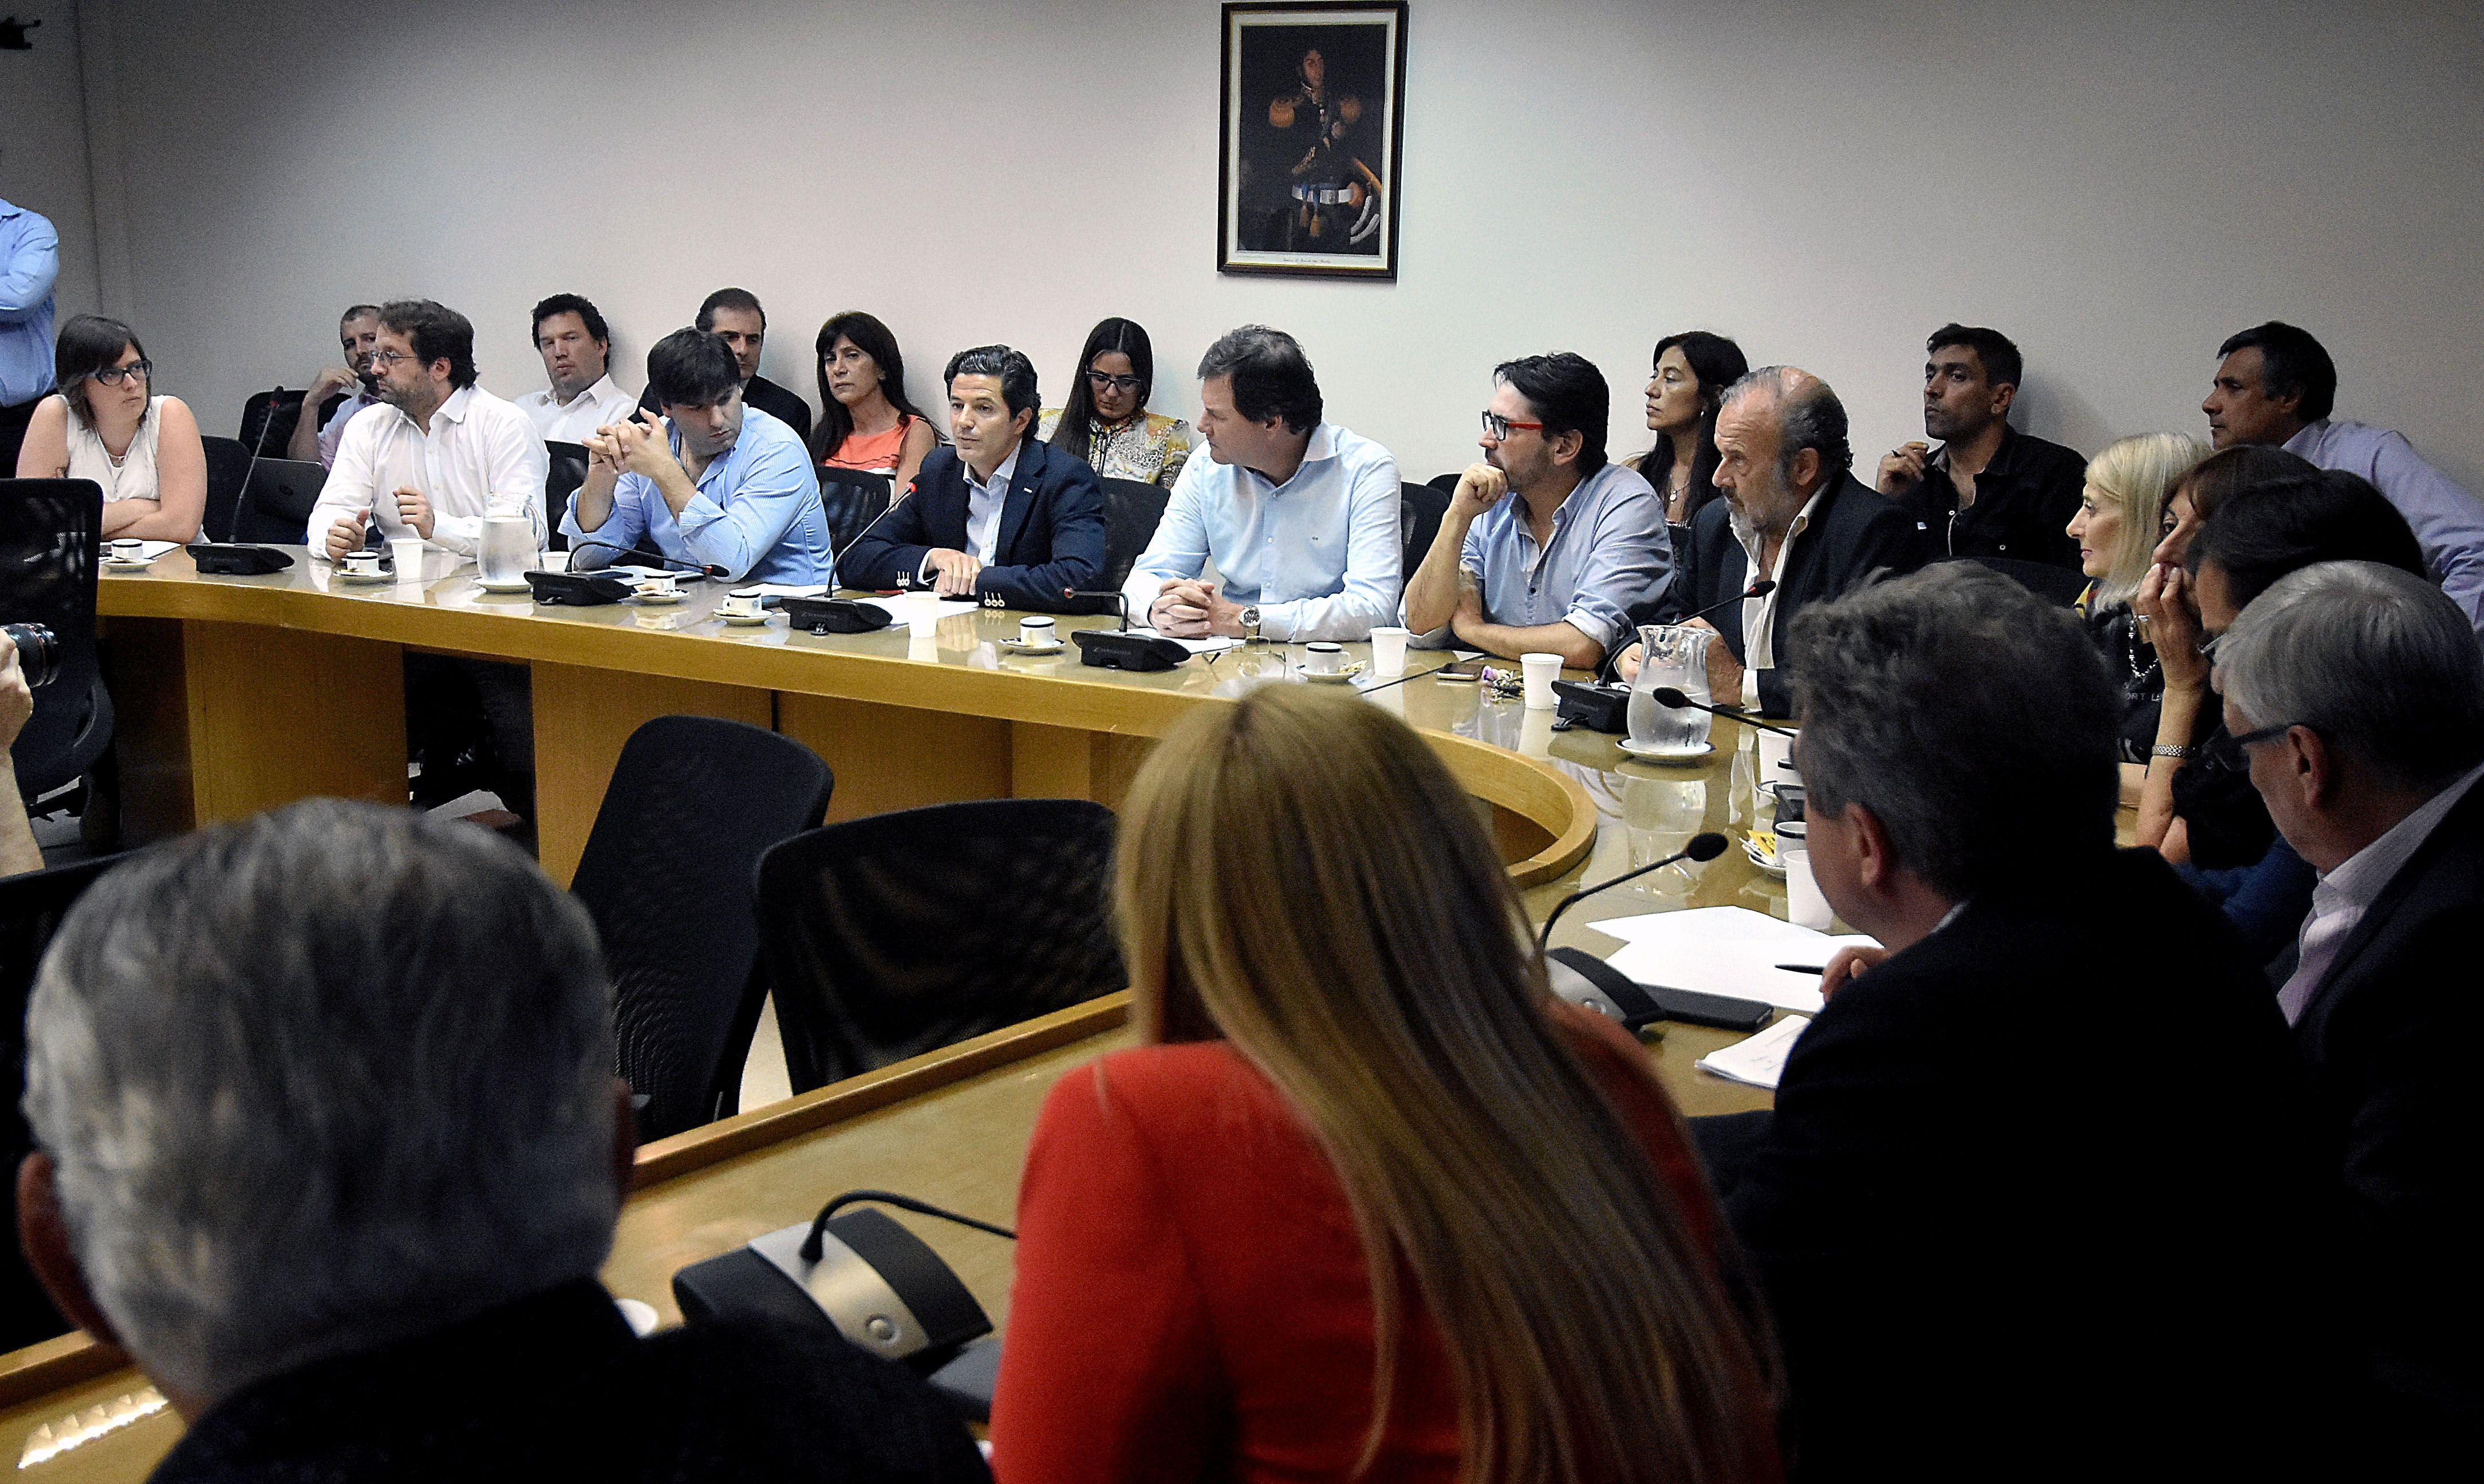 Foto archivo. Reunión de la comisión de Presupuesto de Diputados. Diciembre 2016.